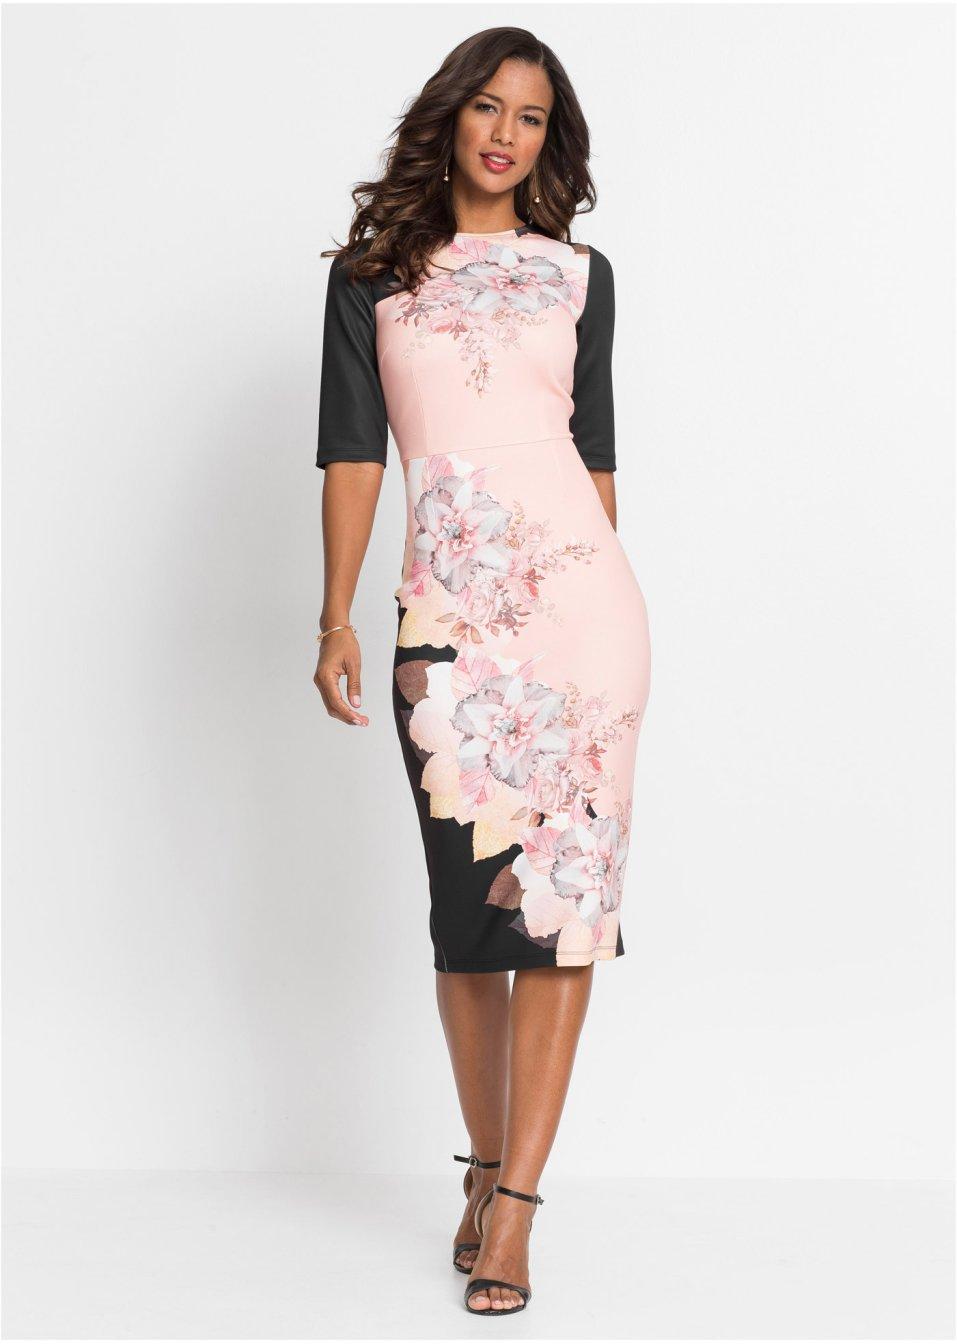 Kleid mit Blumendruck schwarz/rosa - BODYFLIRT boutique ...